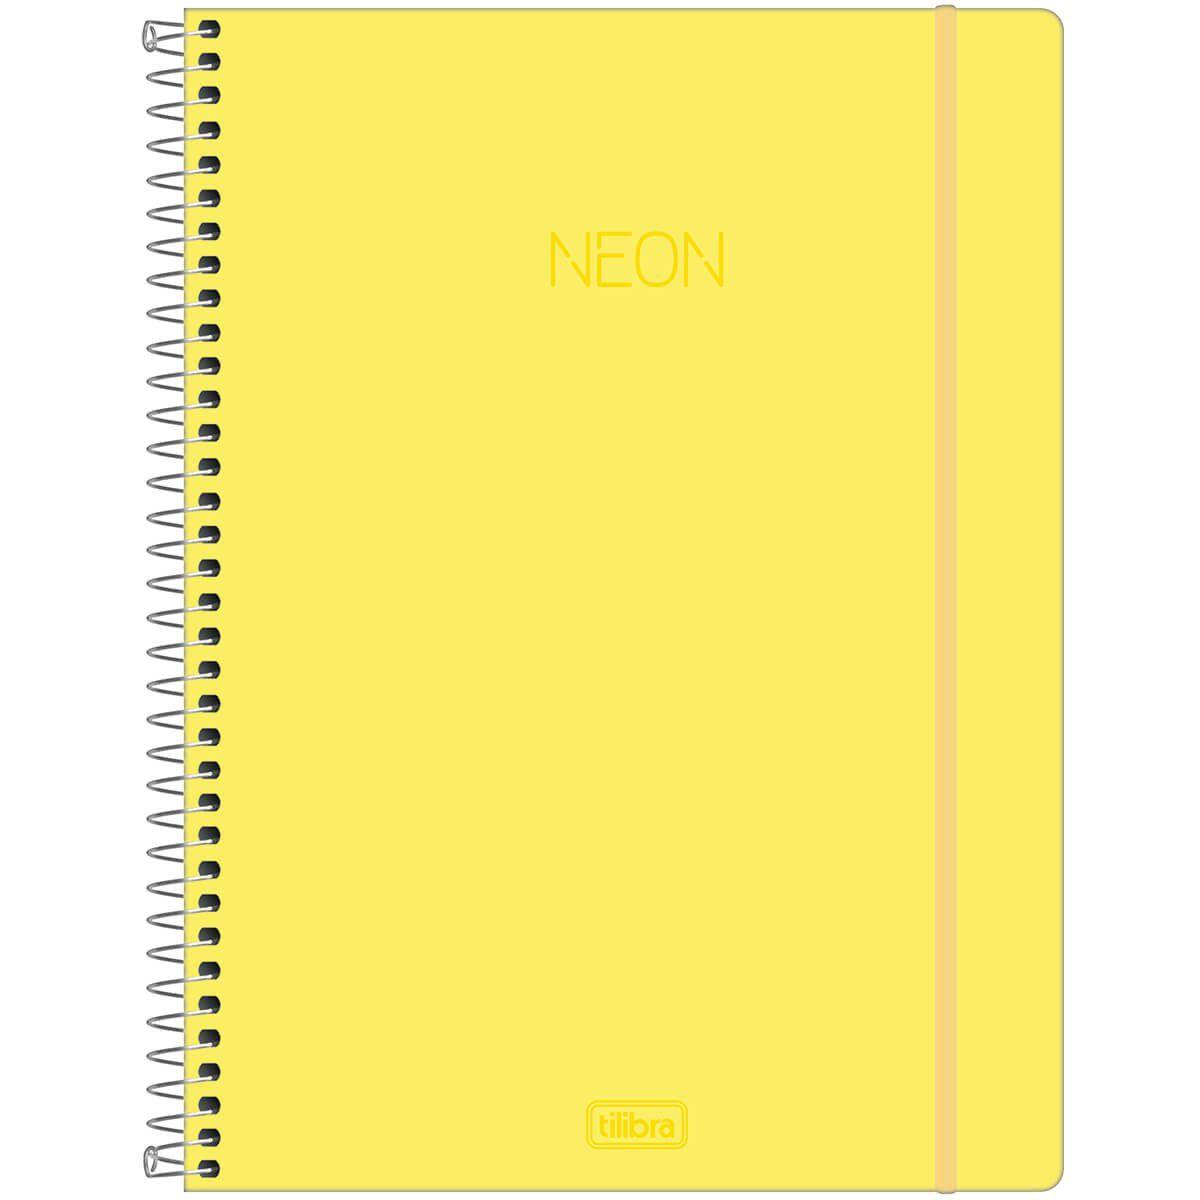 Caderno universitário 1 matéria 80 fls Neon amarelo Tilibra